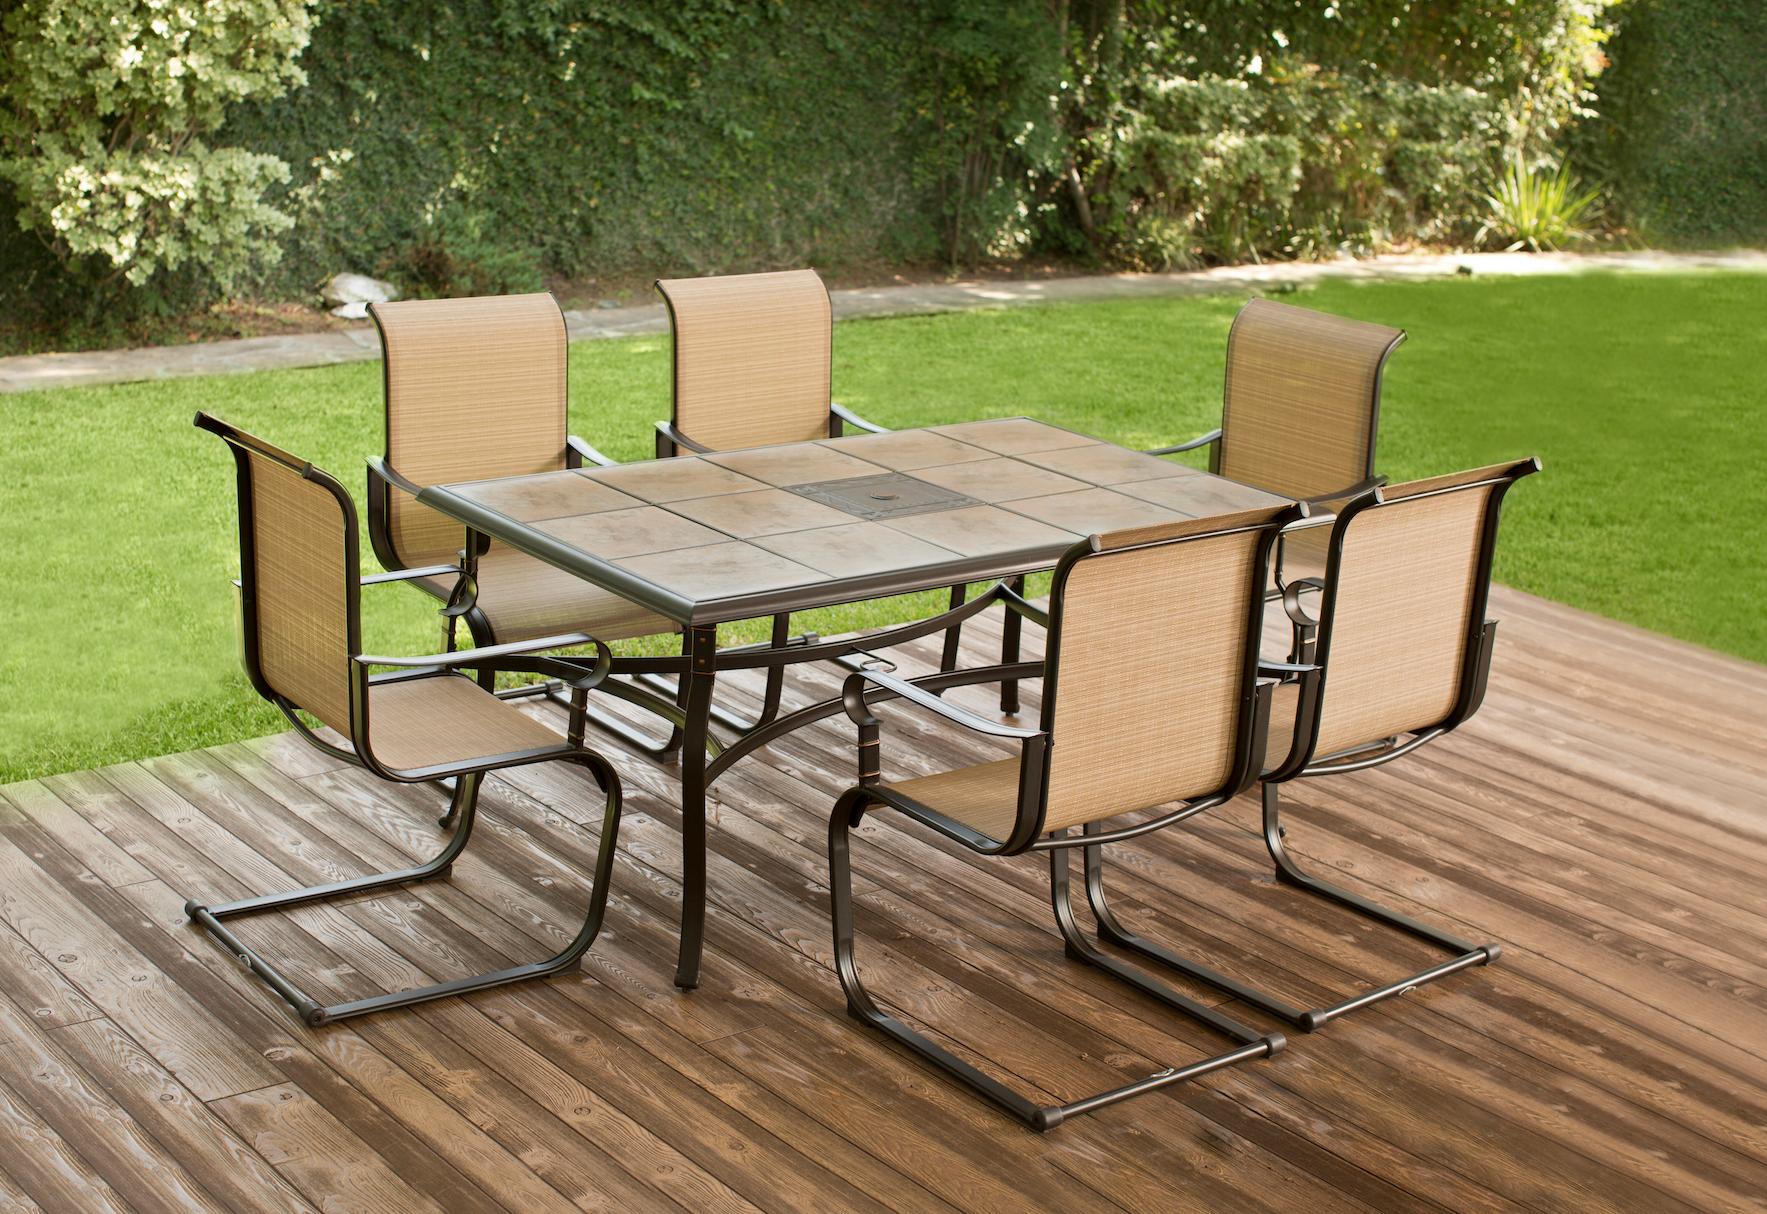 Renueva tu hogar con un maravilloso set de patio. Muebles para ...